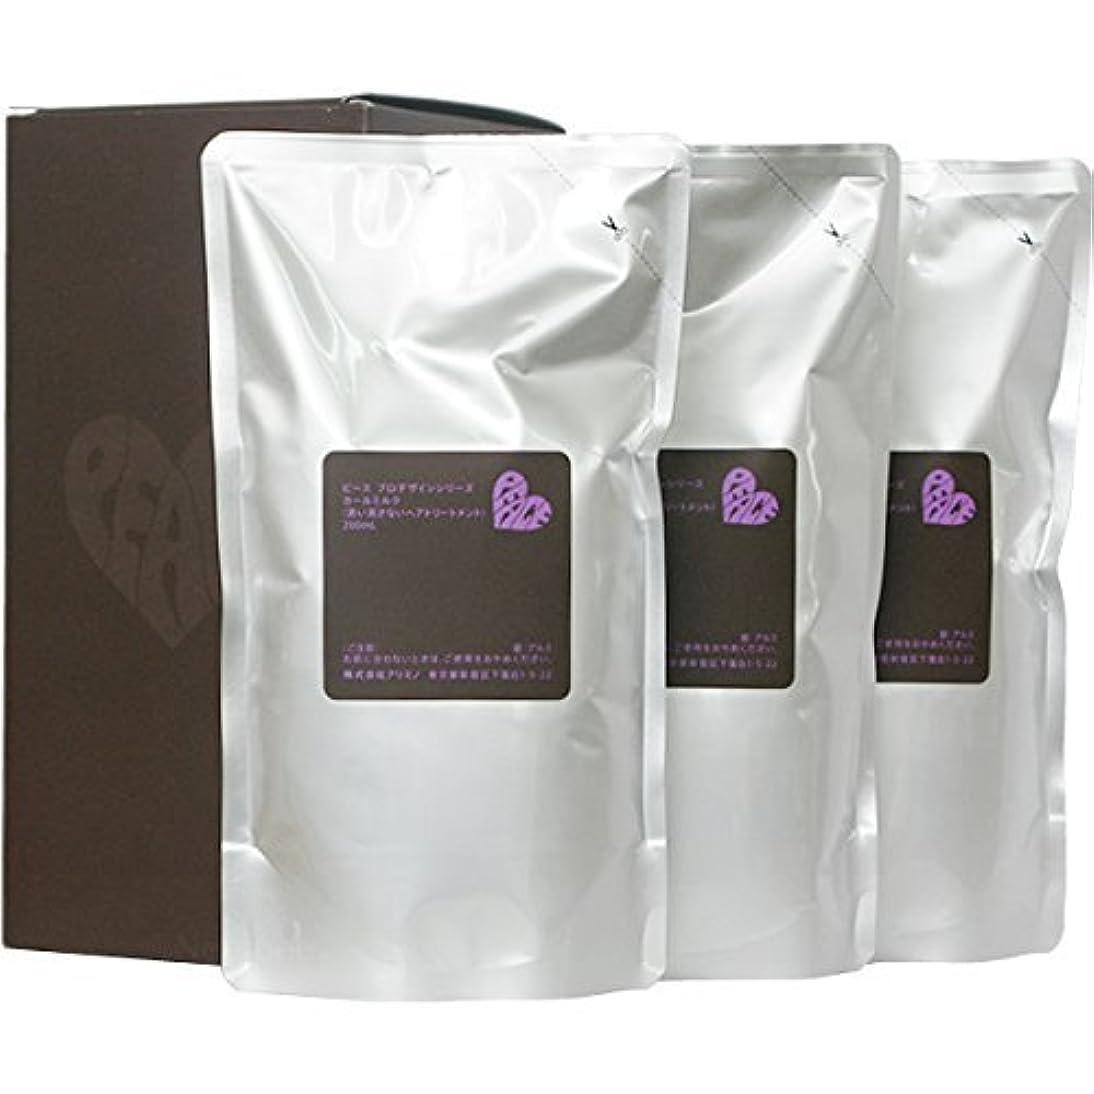 グラフ剃るセーブピース プロデザインシリーズ カールミルク チョコ リフィル 200ml×3